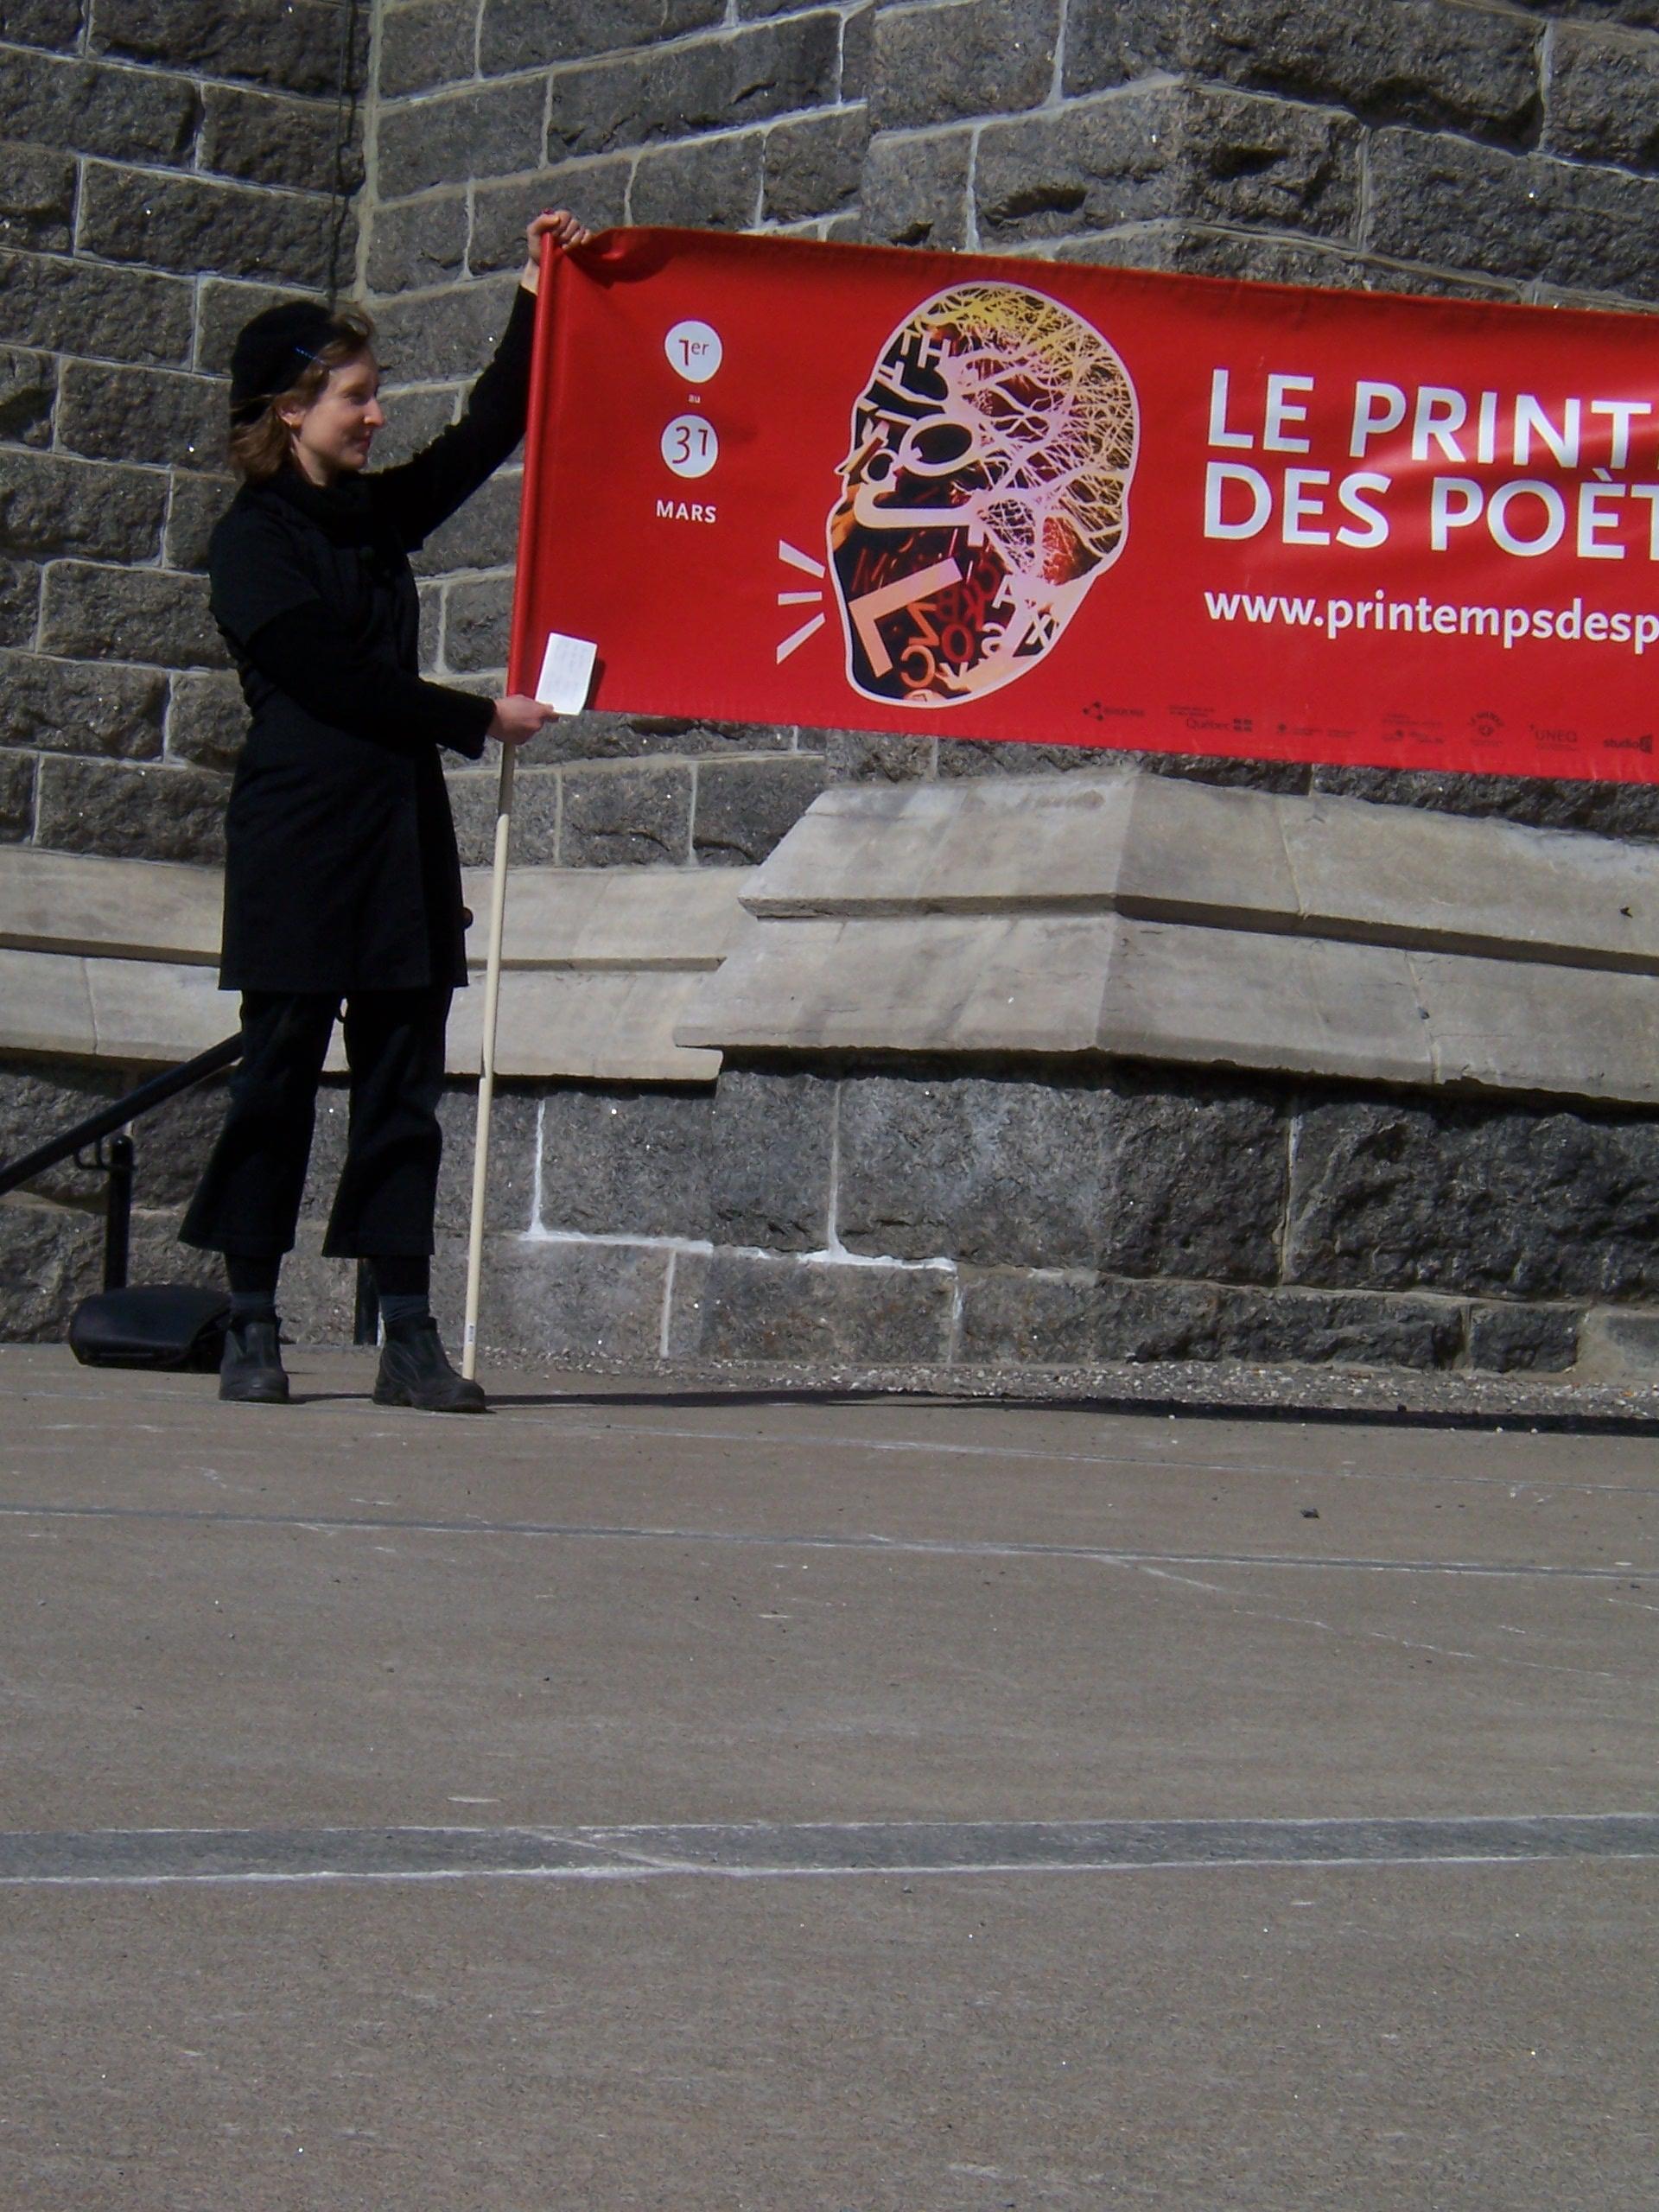 Brigades poétiques